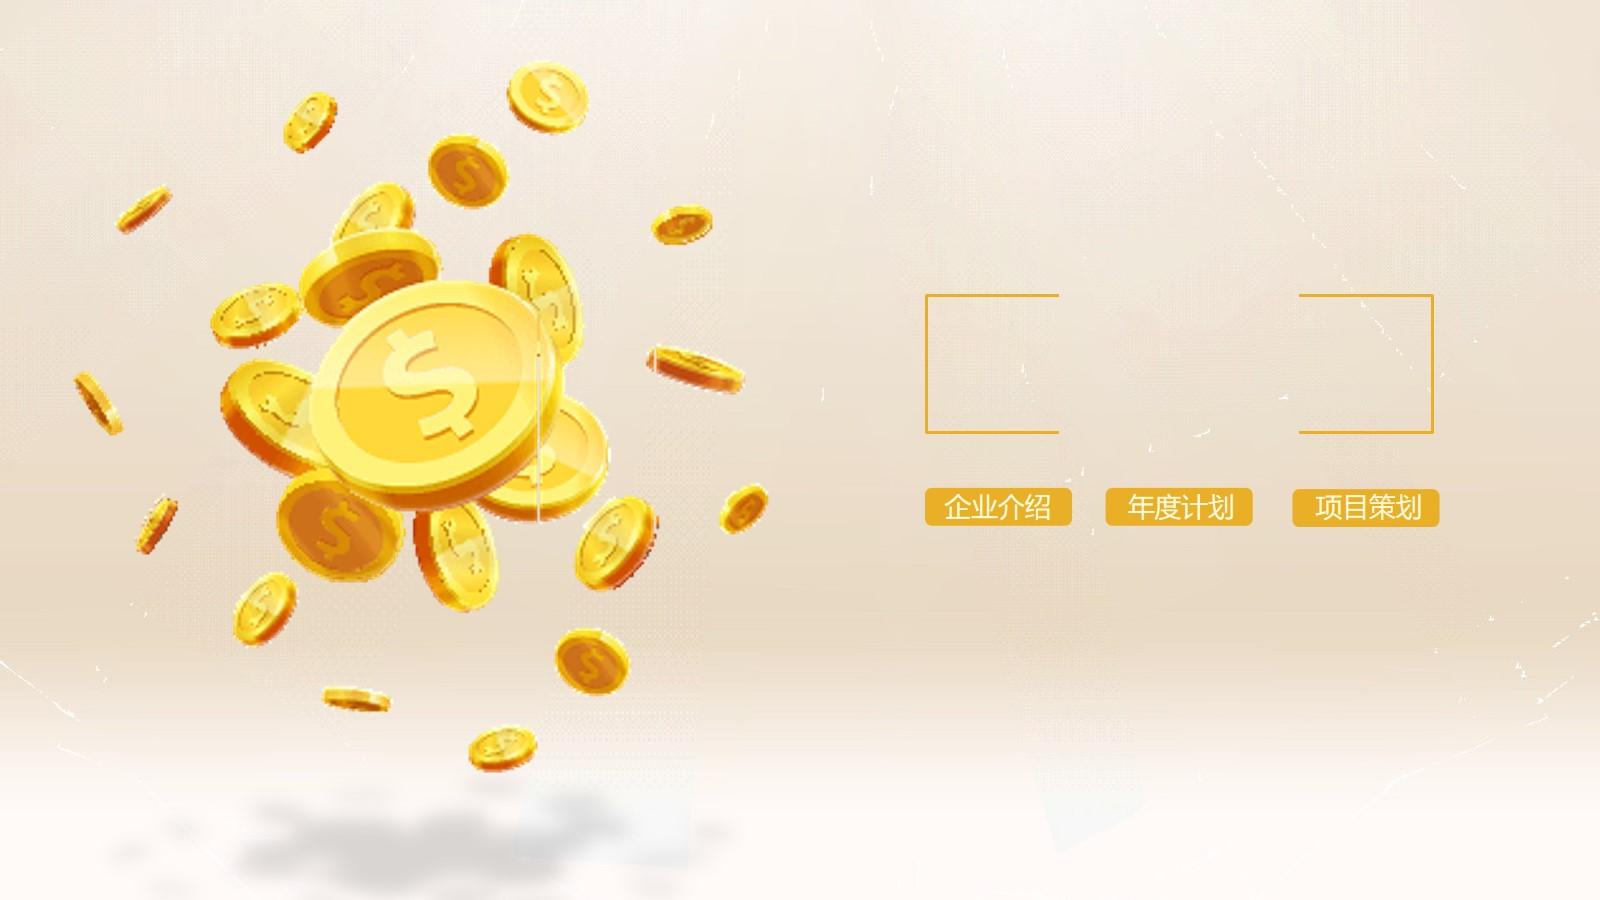 金币背景的金融投资理财PPT模板